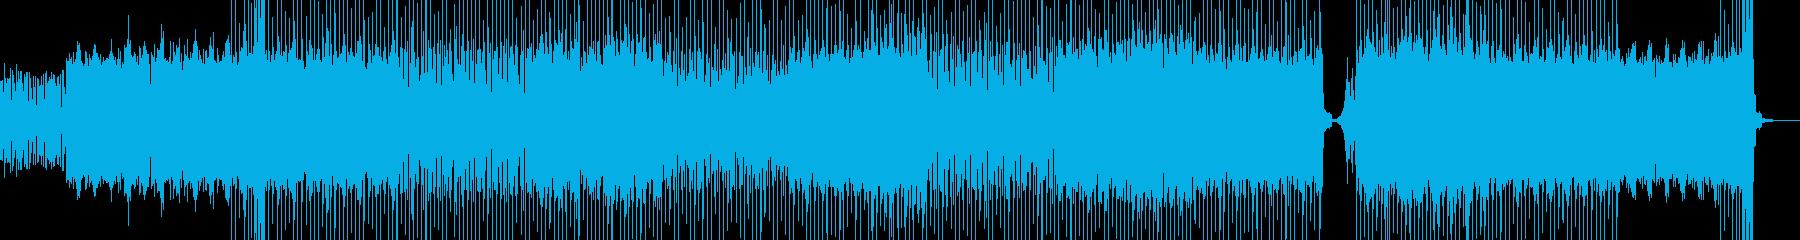 トリッキーなフレーズの重厚なテクノの再生済みの波形